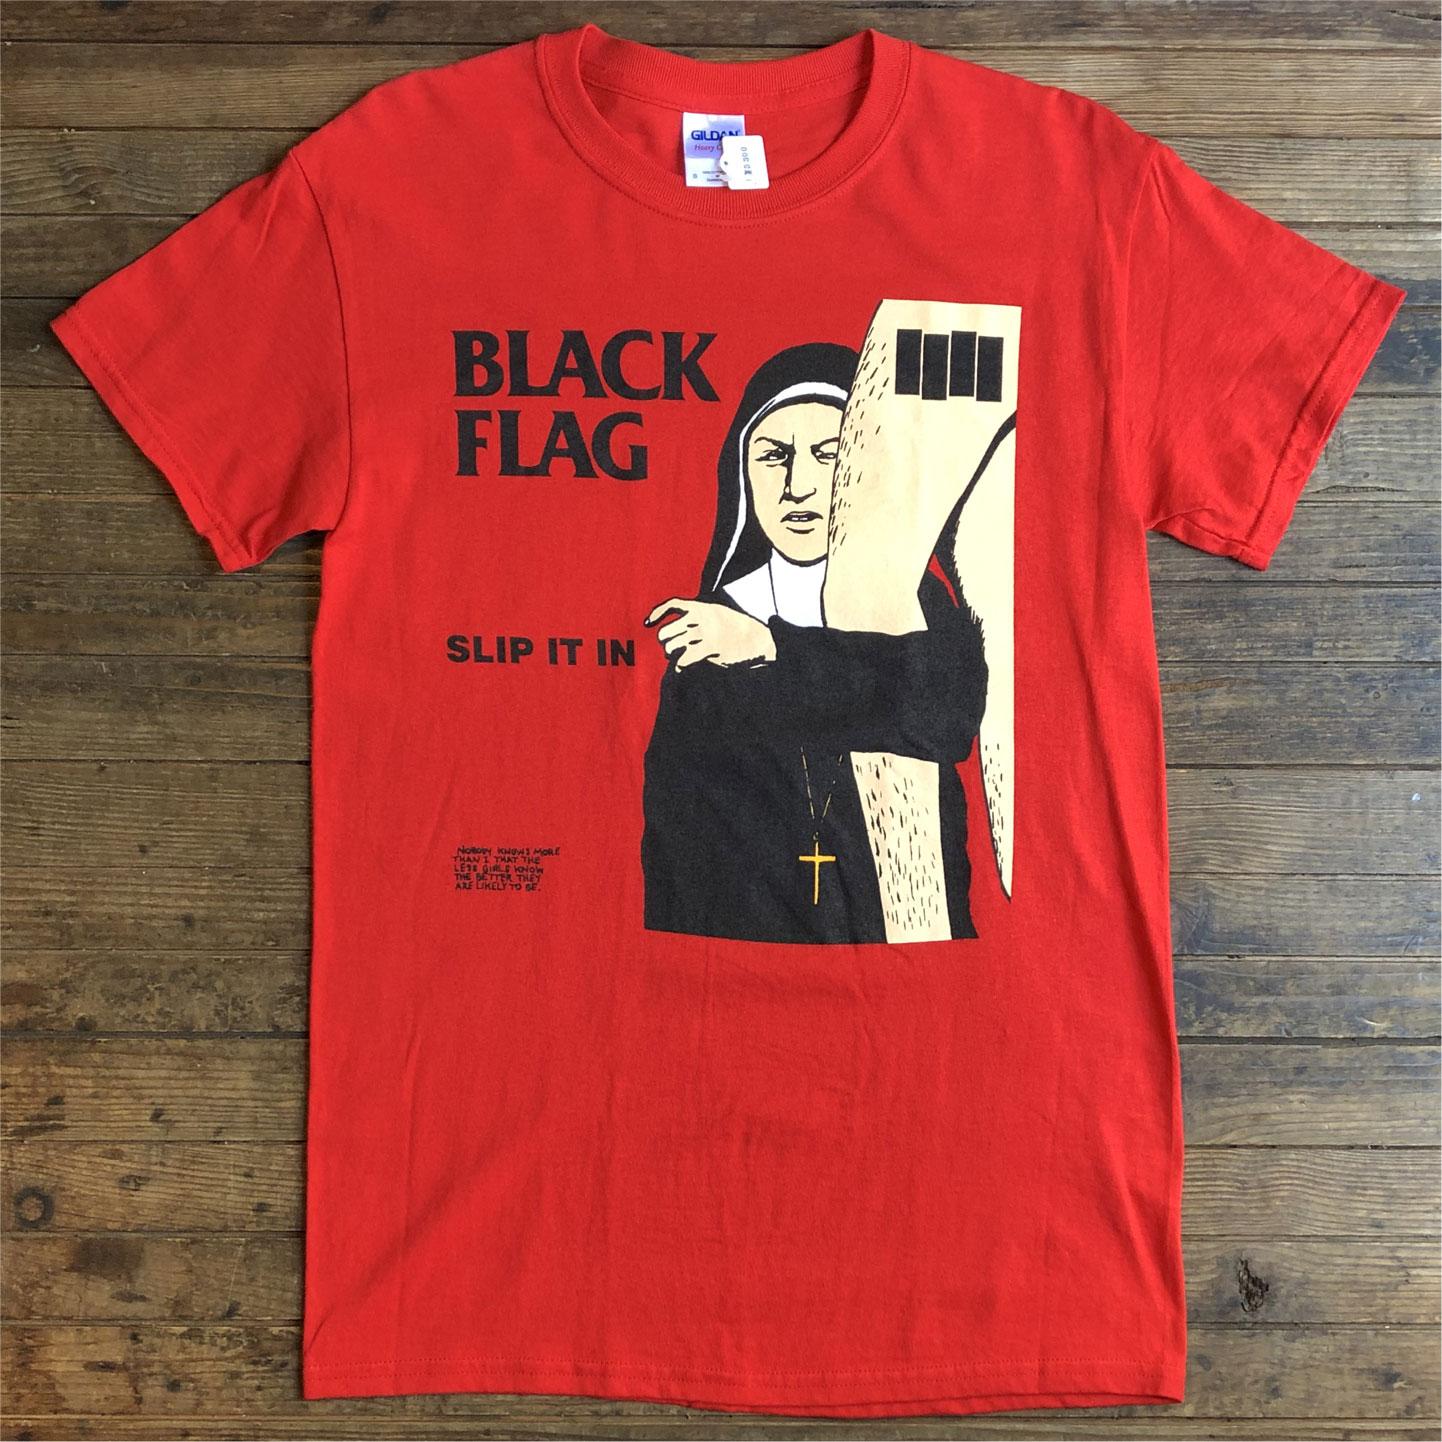 BLACK FLAG Tシャツ SLIP IT IN